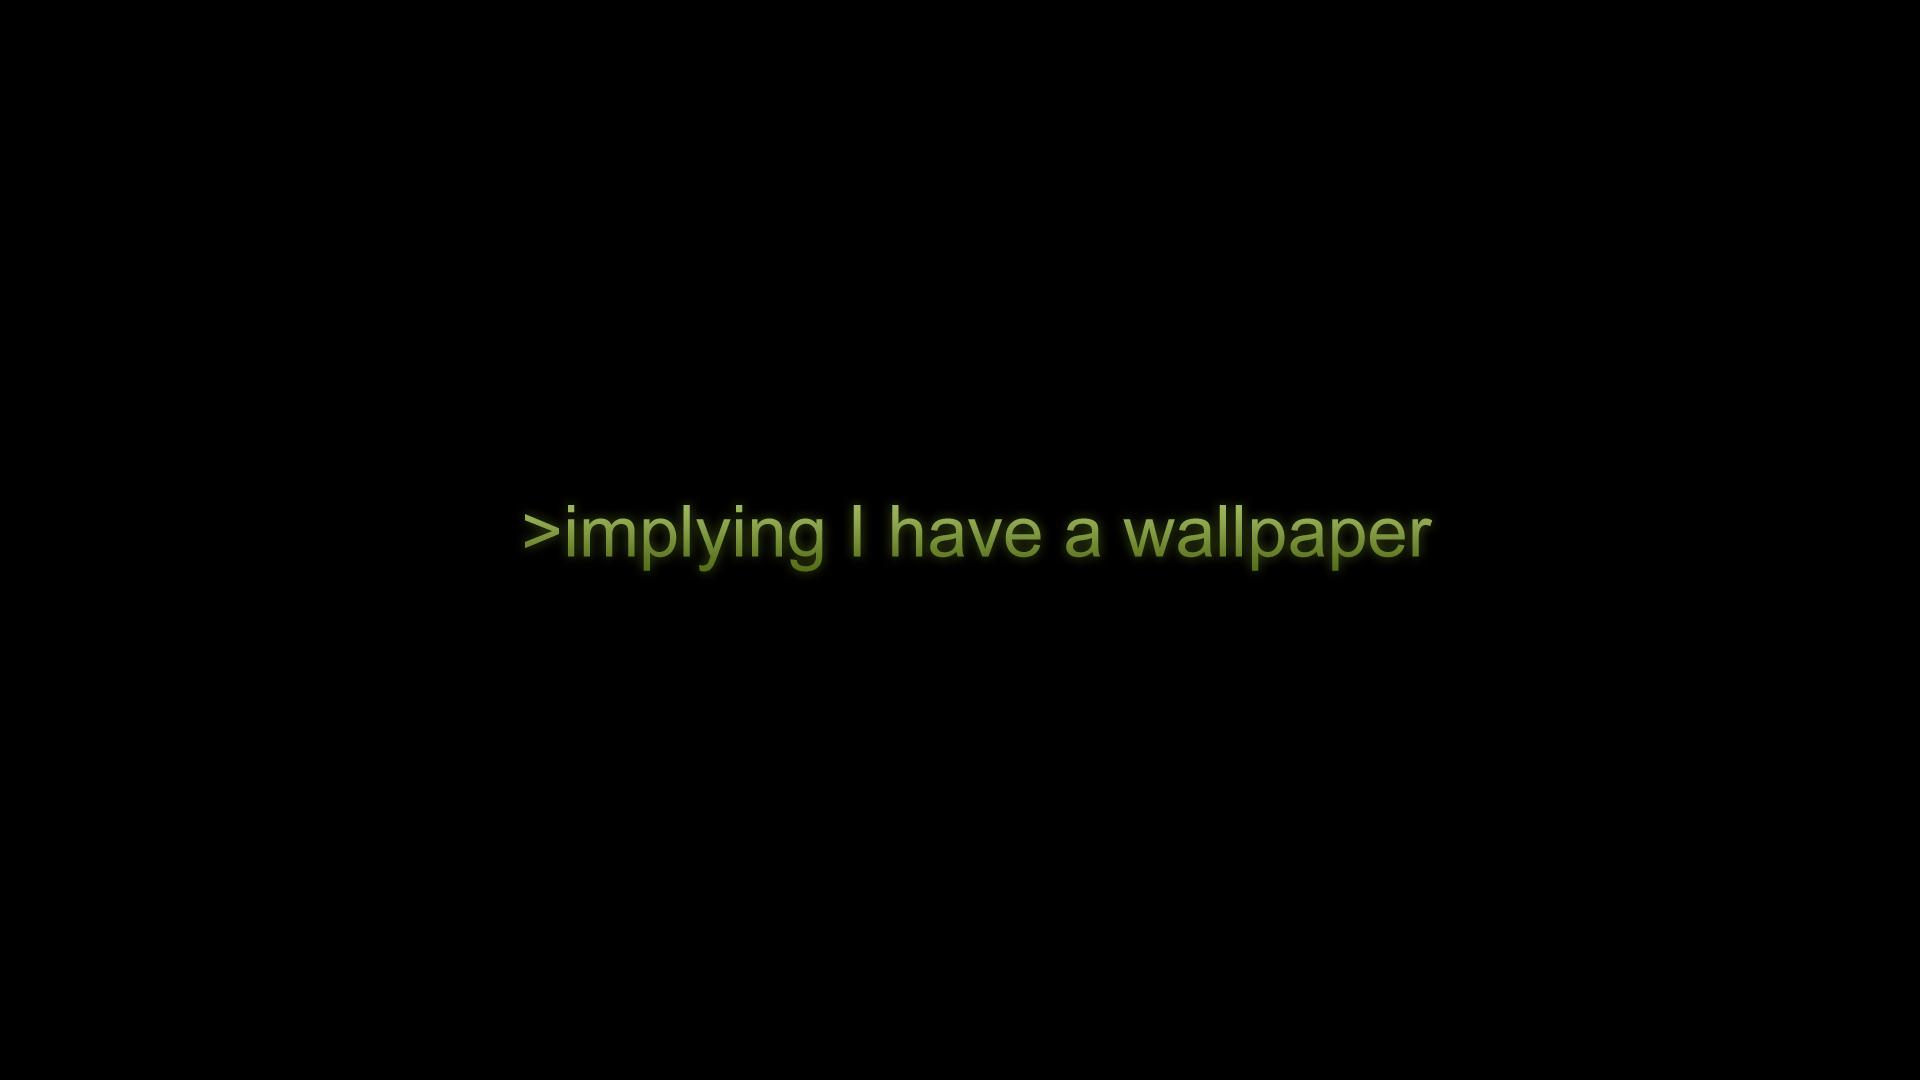 Download 970+ Wallpaper Lucu Komputer Gratis Terbaru